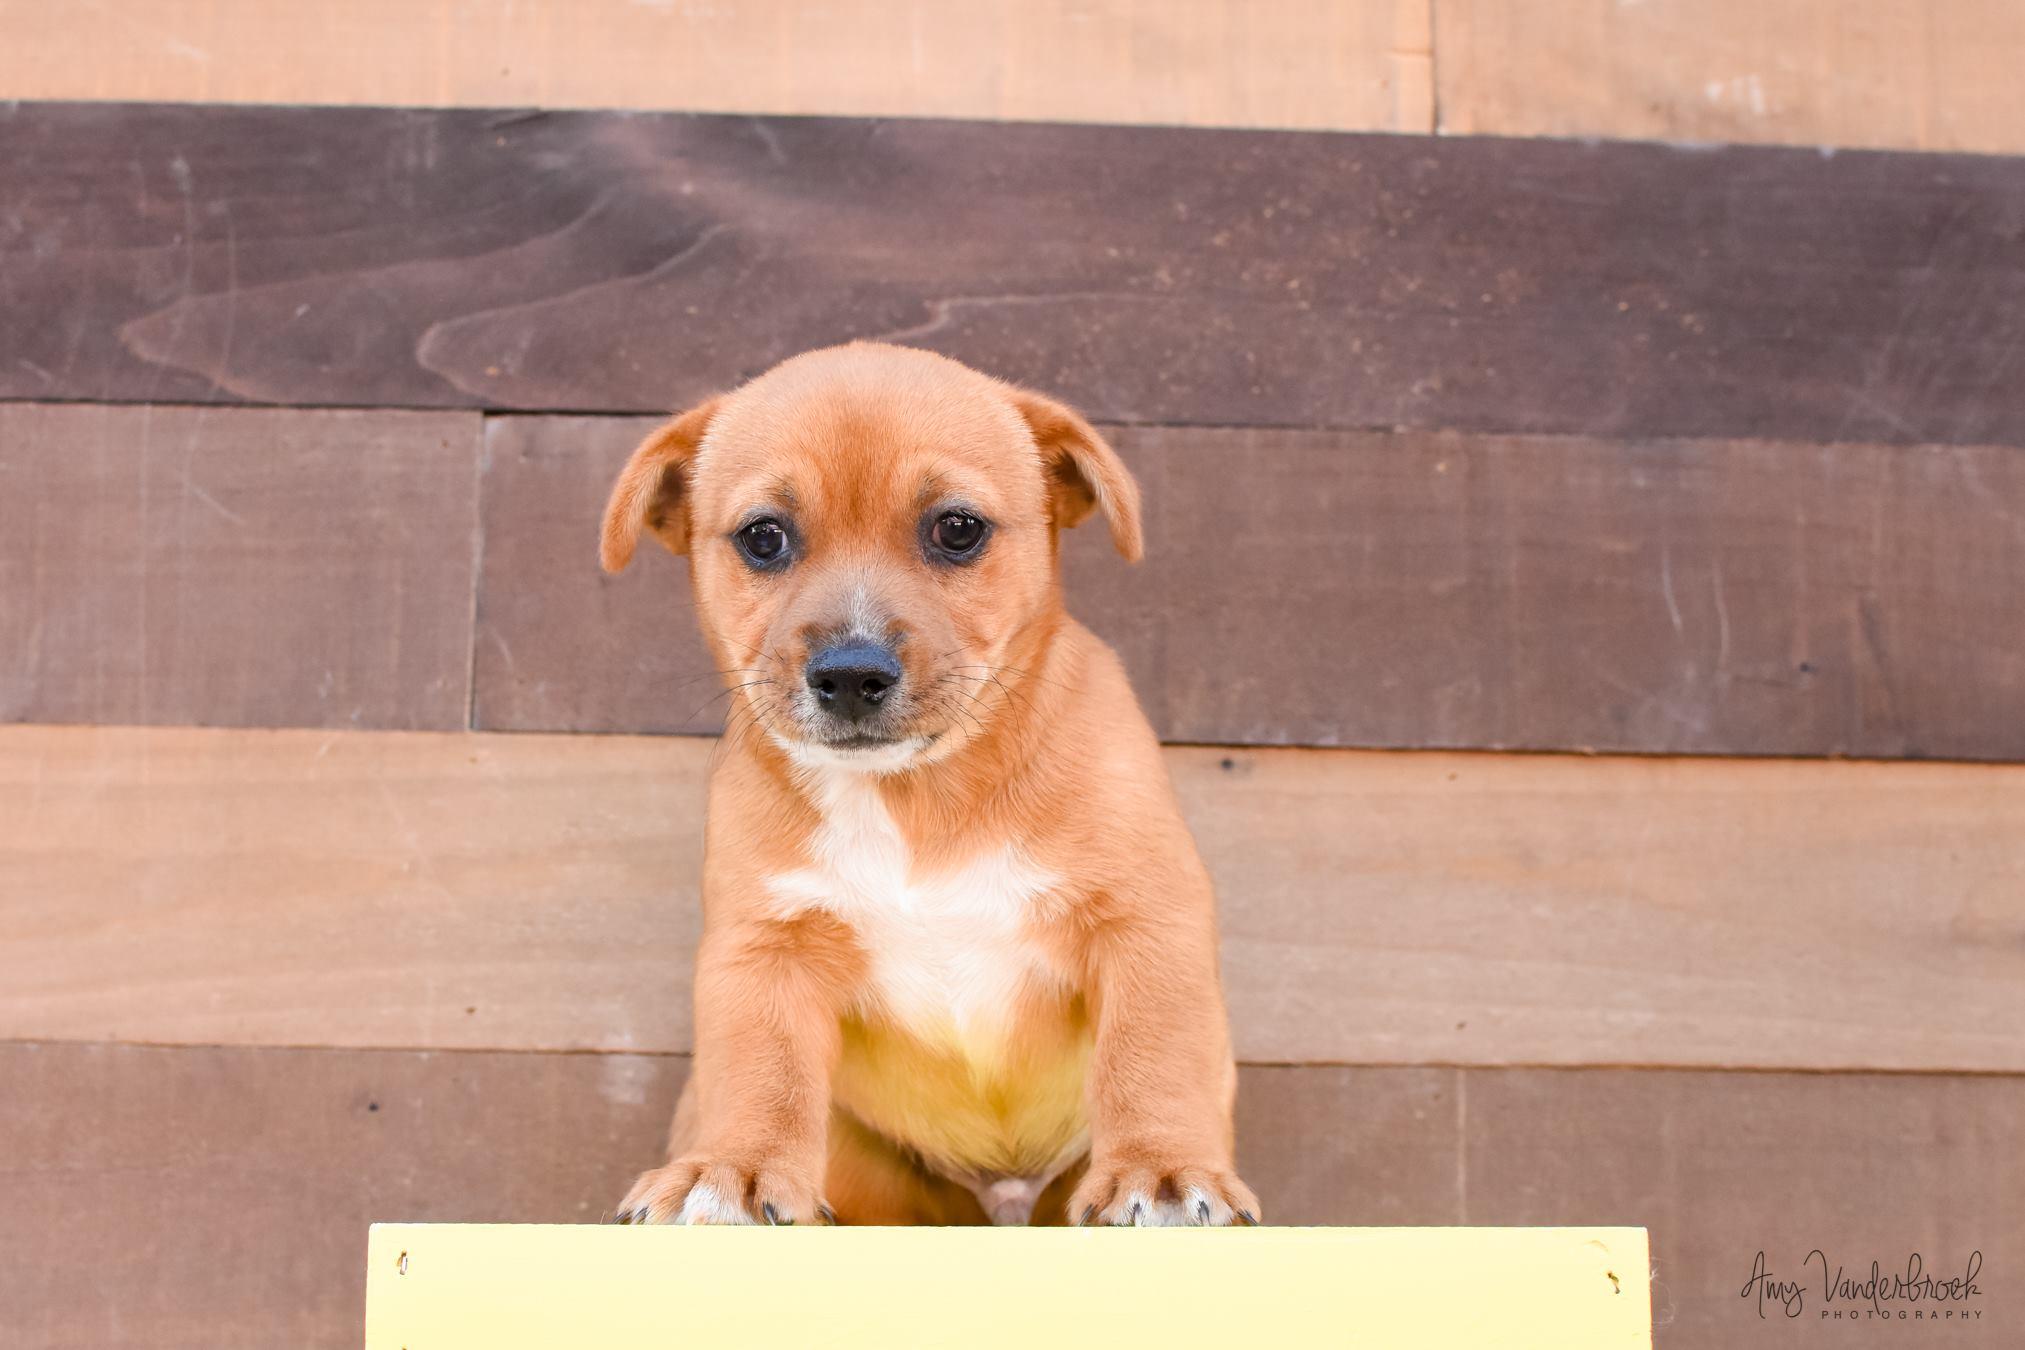 894 18 Lifeline Puppy Rescue Brighton Colorado